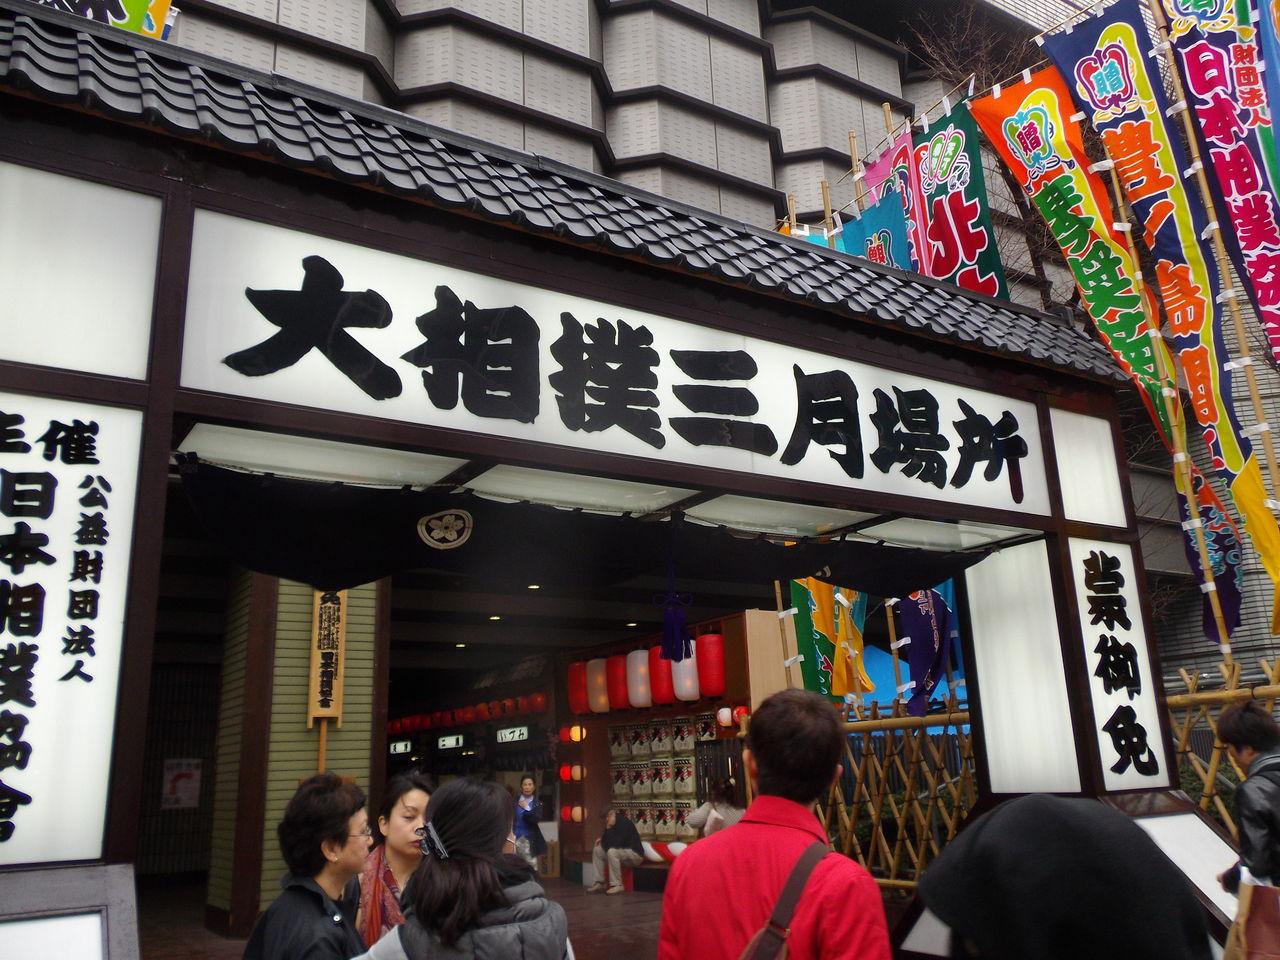 大相撲大阪場所を観に行ってきました! ① (^▽^)/ : 野田阪神カイロ スタッフブログ